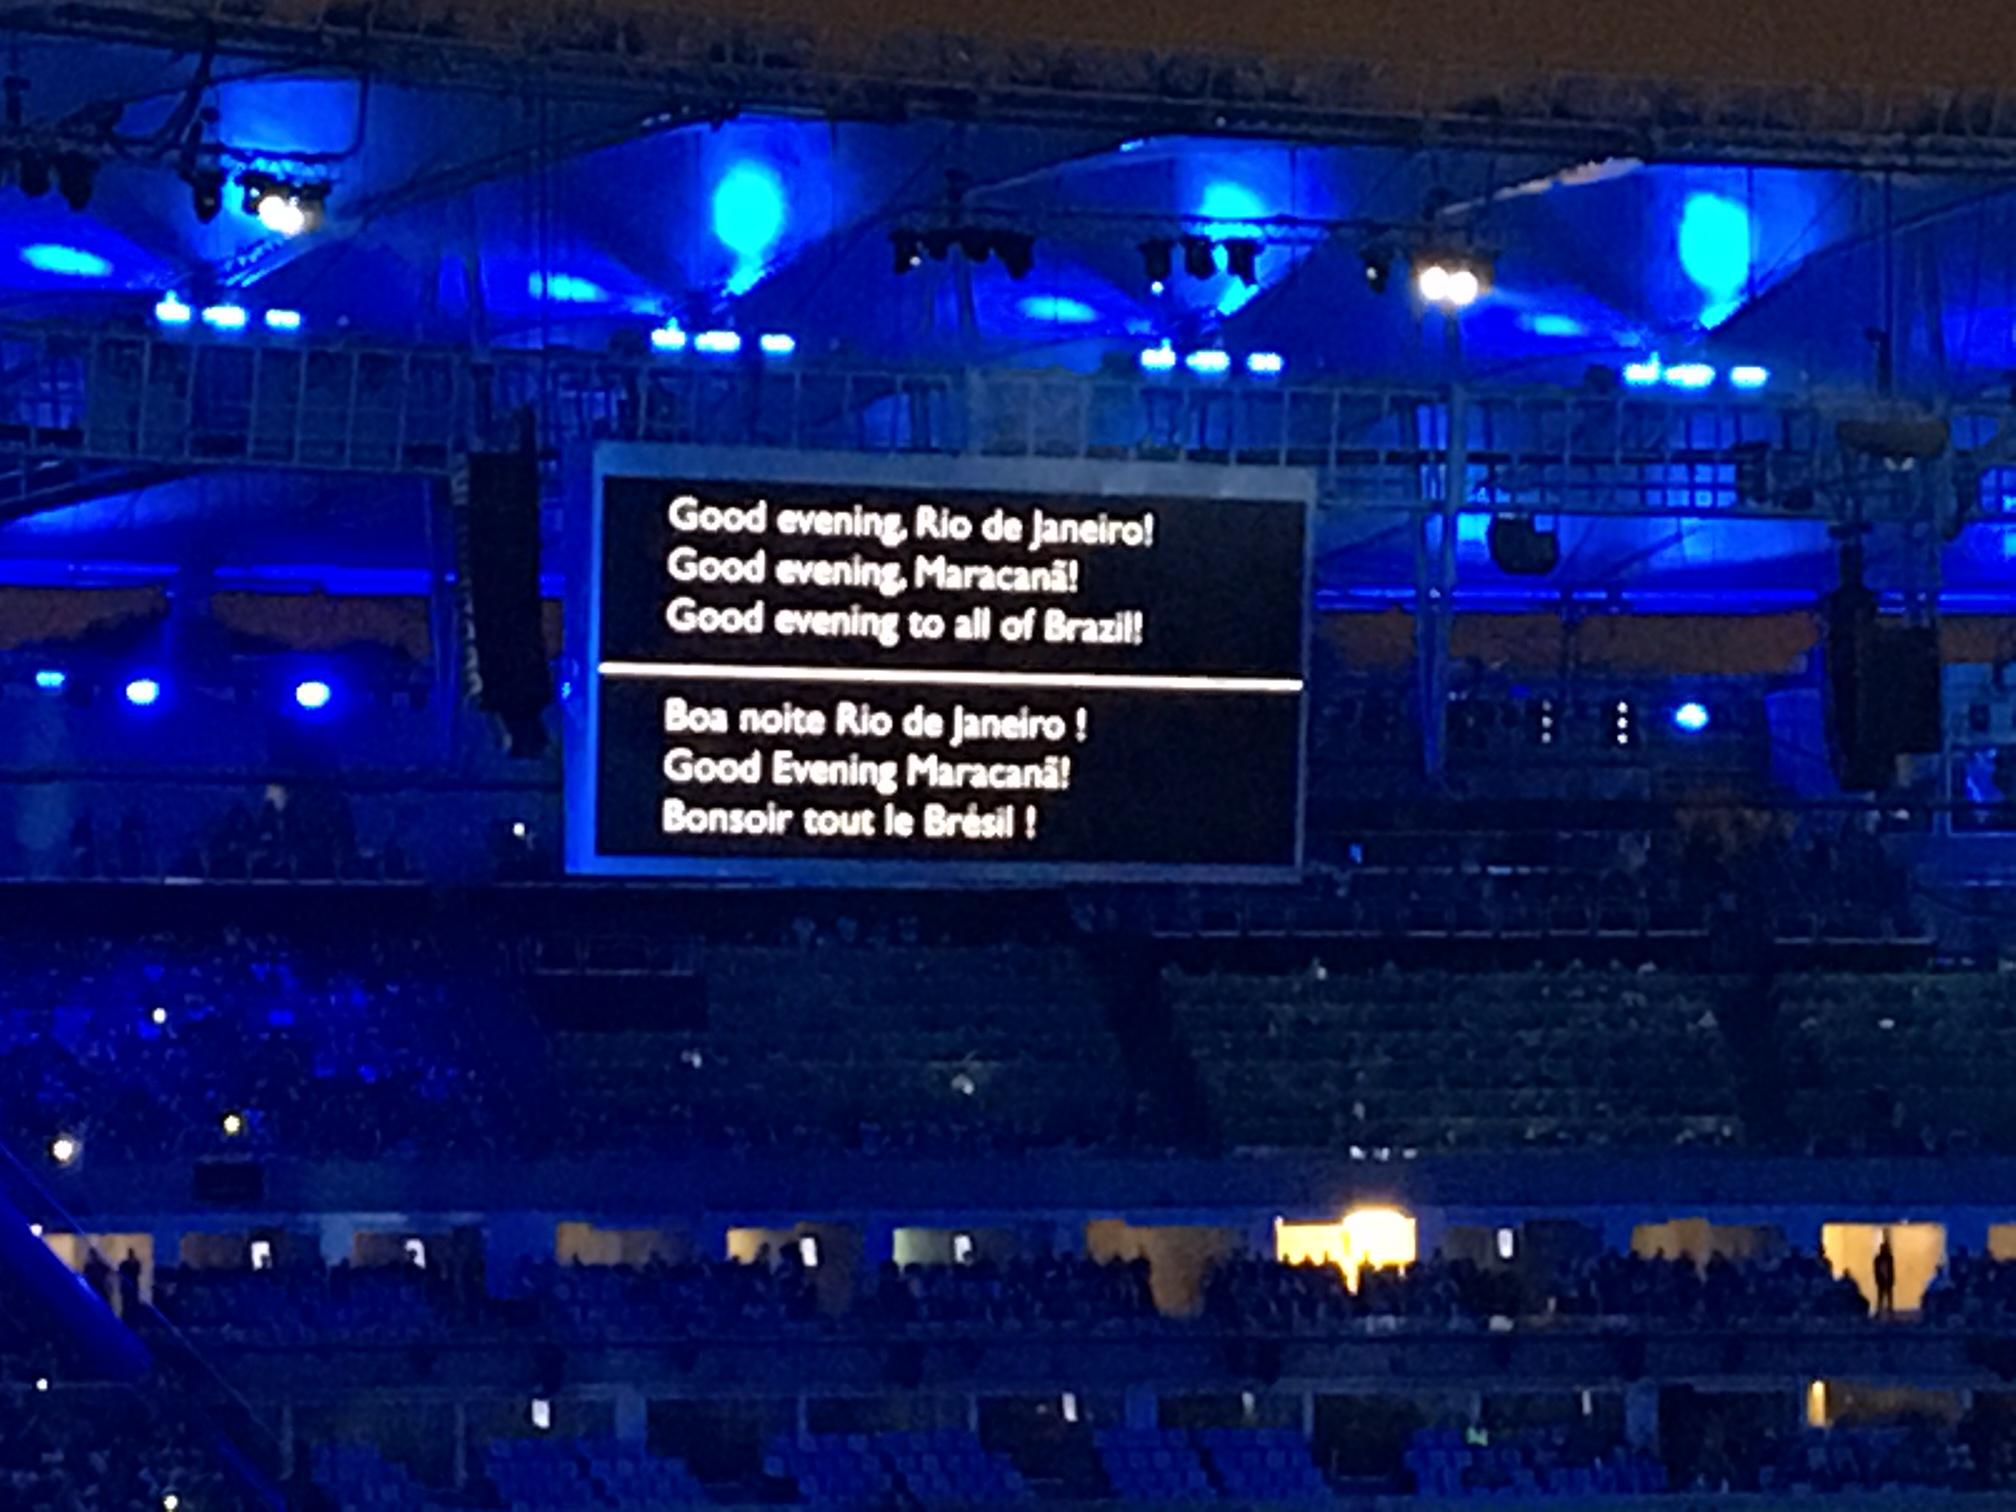 telao no estadio mostra legendas sobre fundo preto, em ingles e portugues - bem-vindo ao Rio de Janeiro.